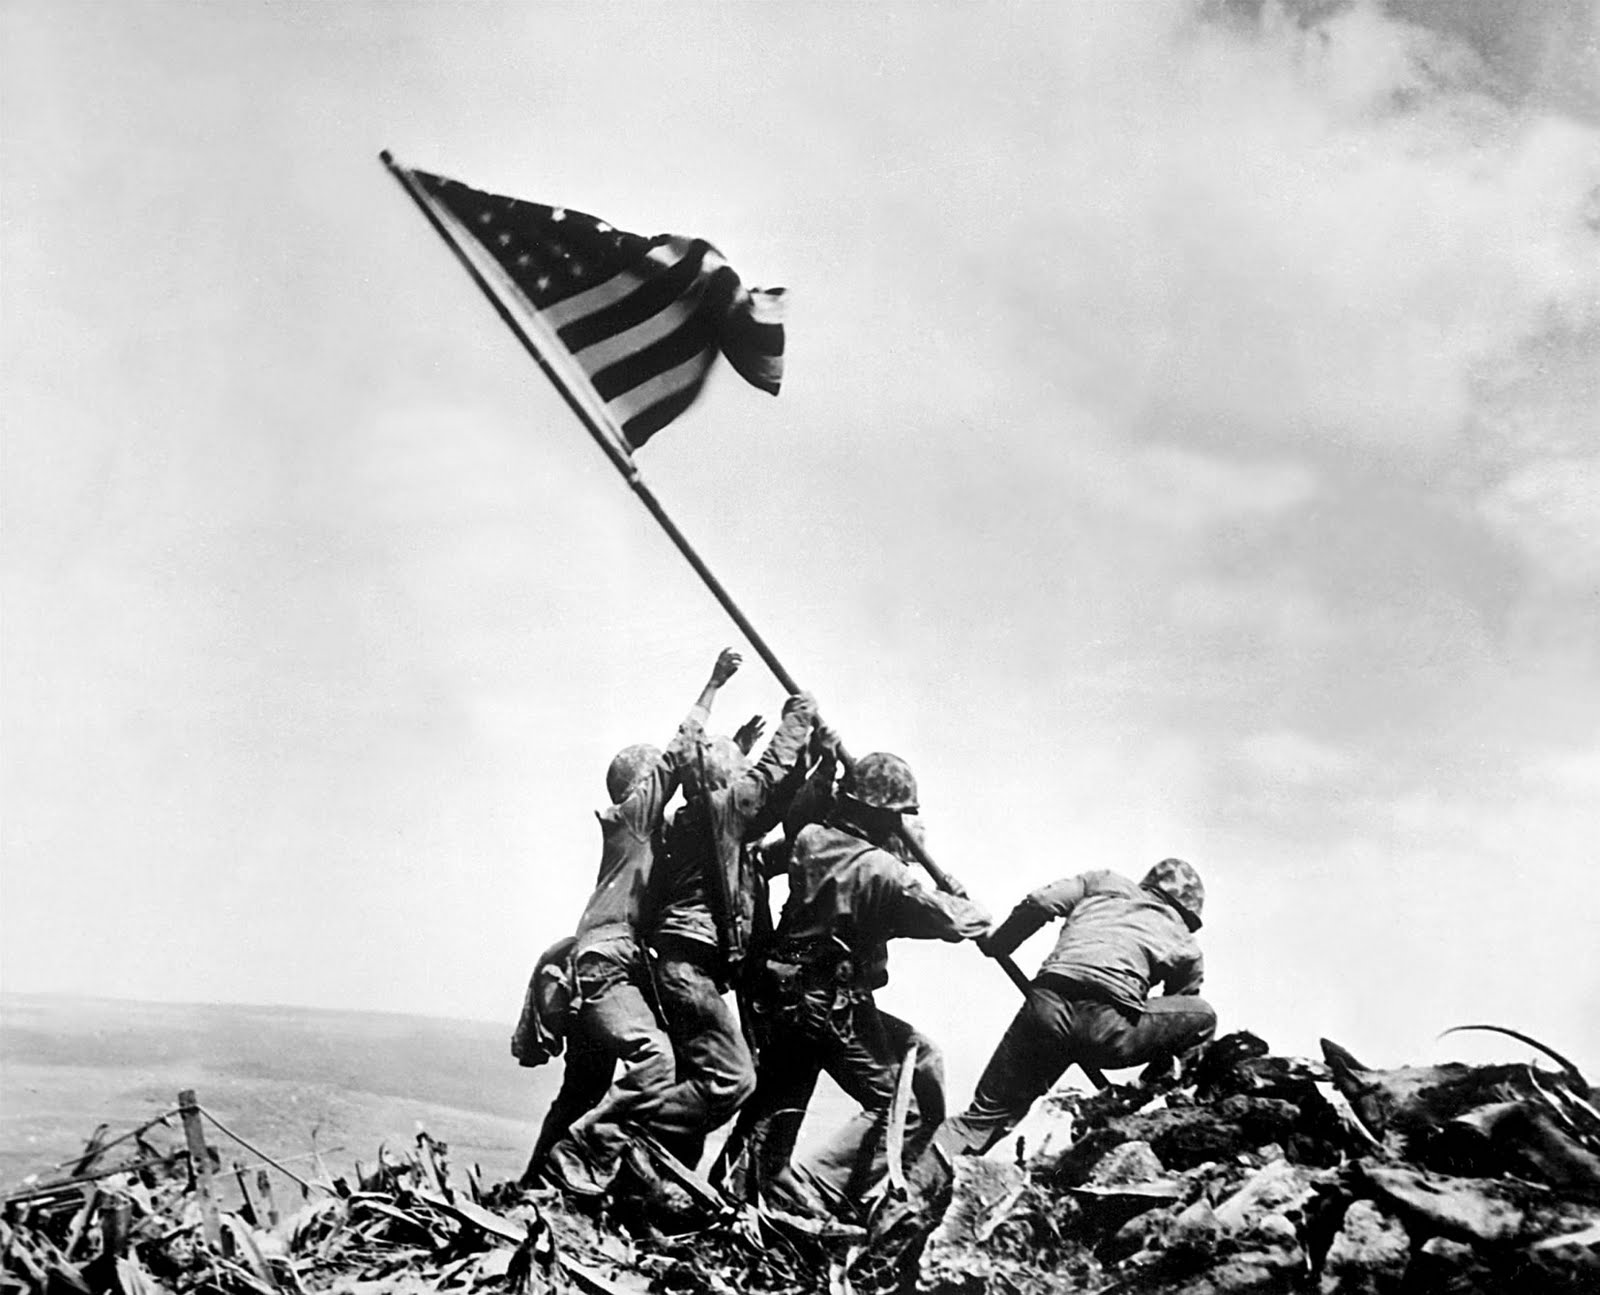 20. Водружение флага над Иводзимой, Джо Розенталь, 1945.